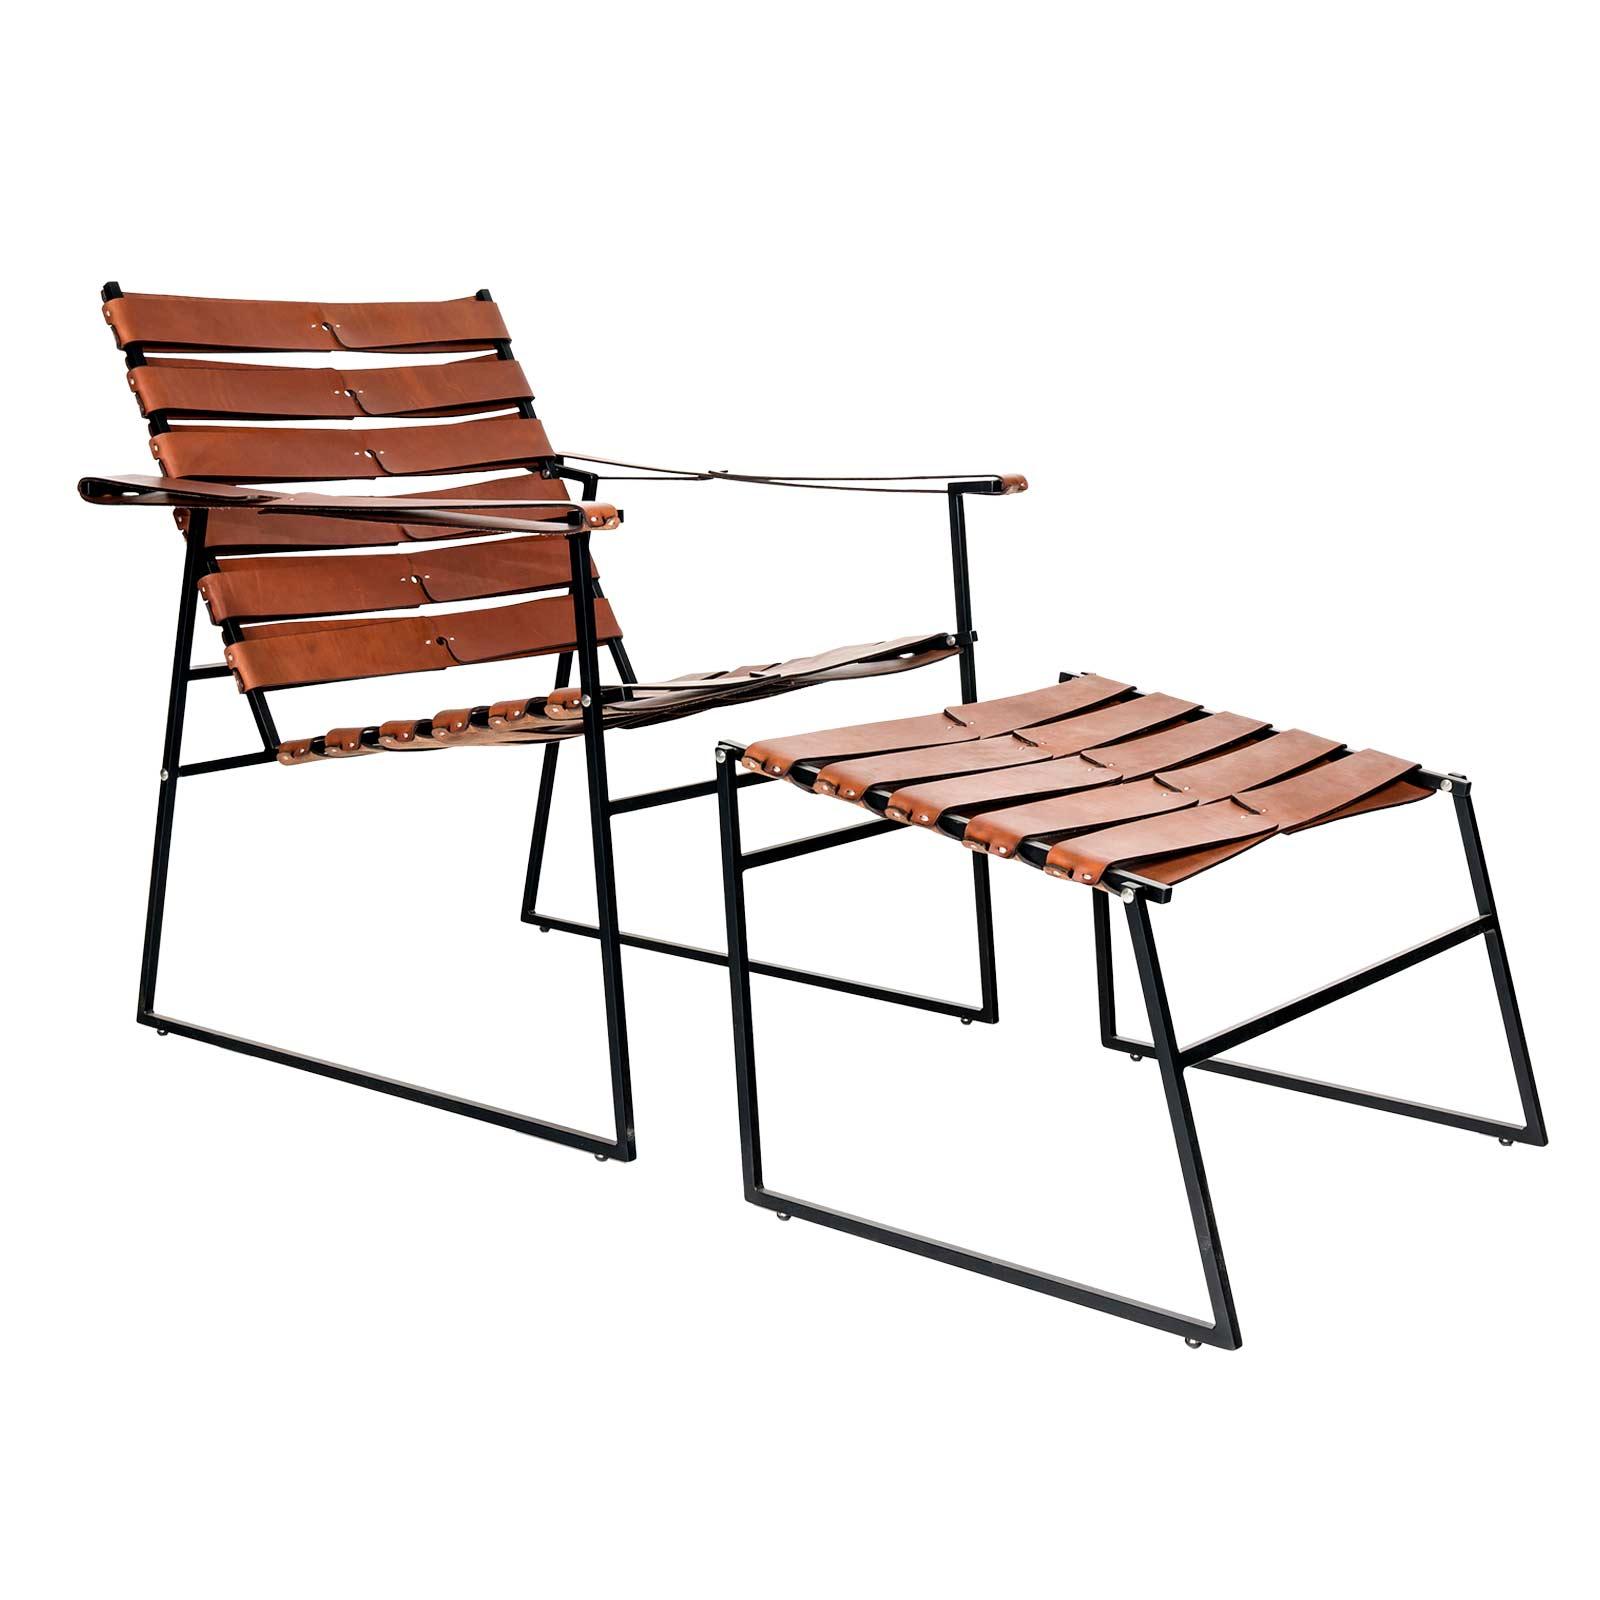 Chair5 Ottoman